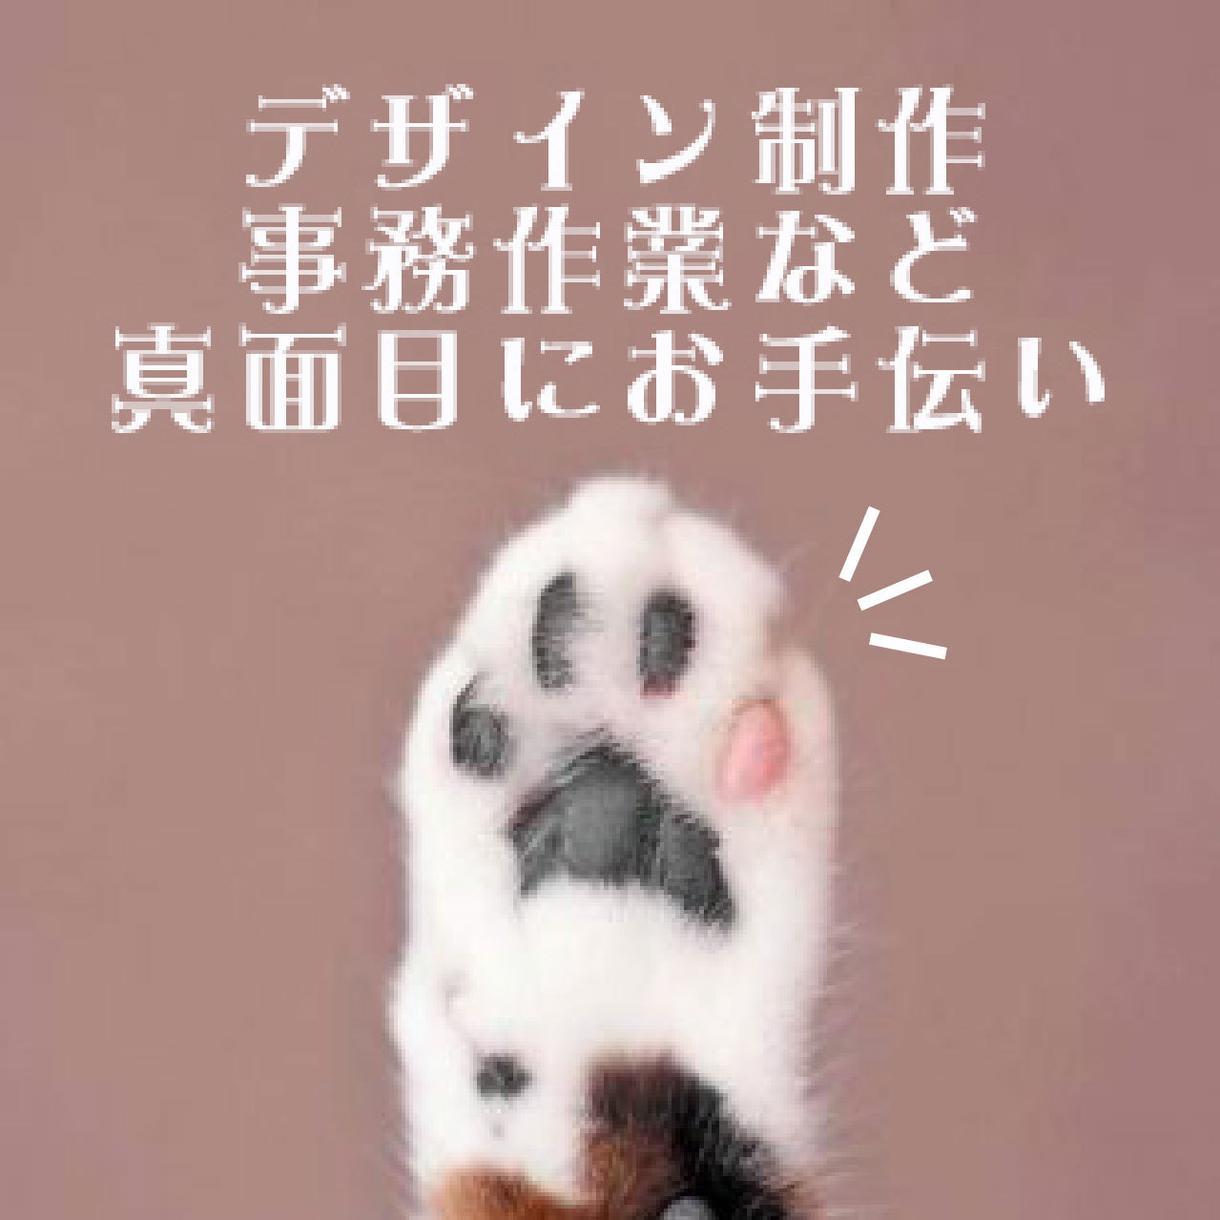 猫の手貸します デザイン制作・事務作業など何でも1時間から手伝います イメージ1